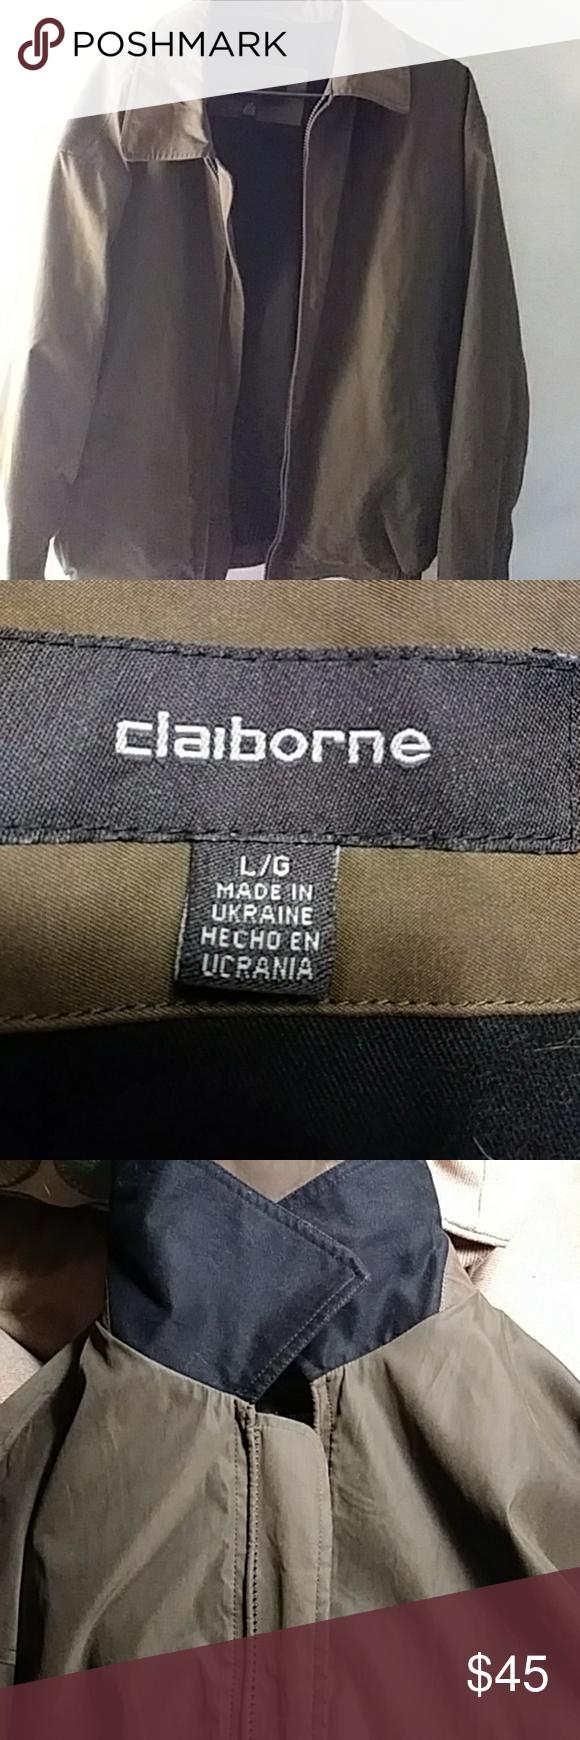 Claiborne Outerwear Microfiber Men S Jacket Mens Jackets Jackets Winter Outerwear [ 1740 x 580 Pixel ]